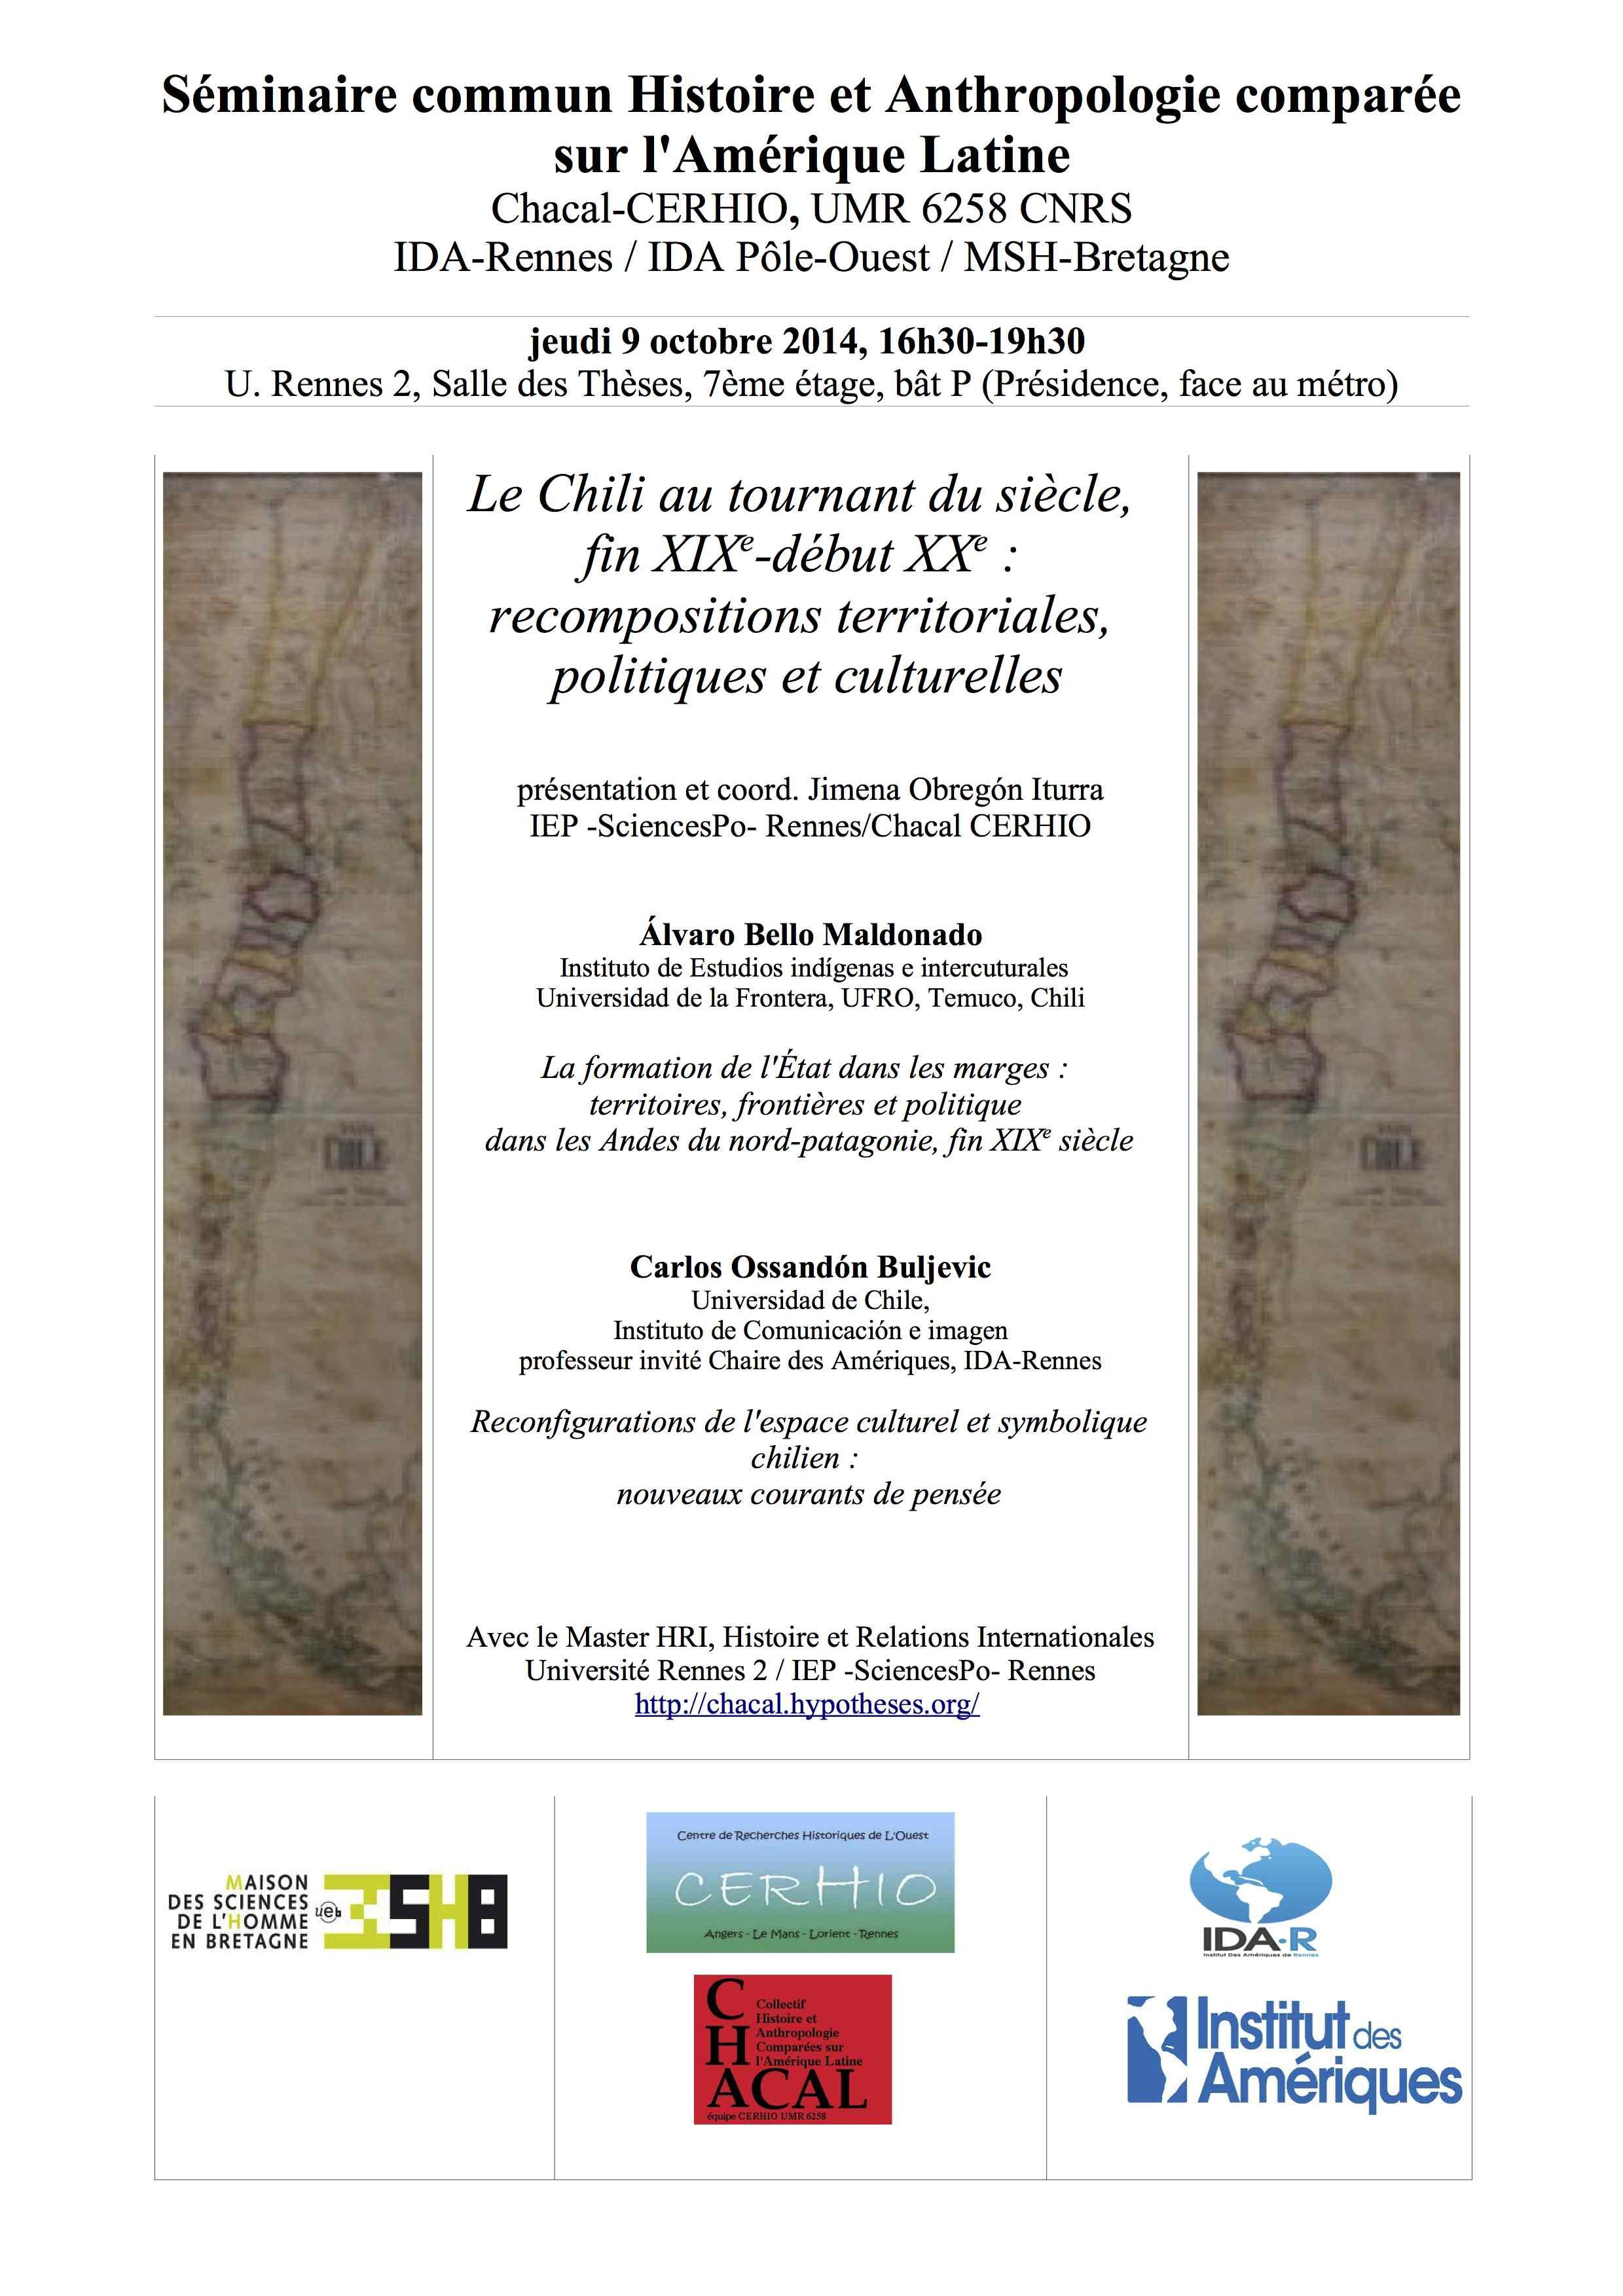 2014_10_09_annonce séminaire_Chili_2 mapas